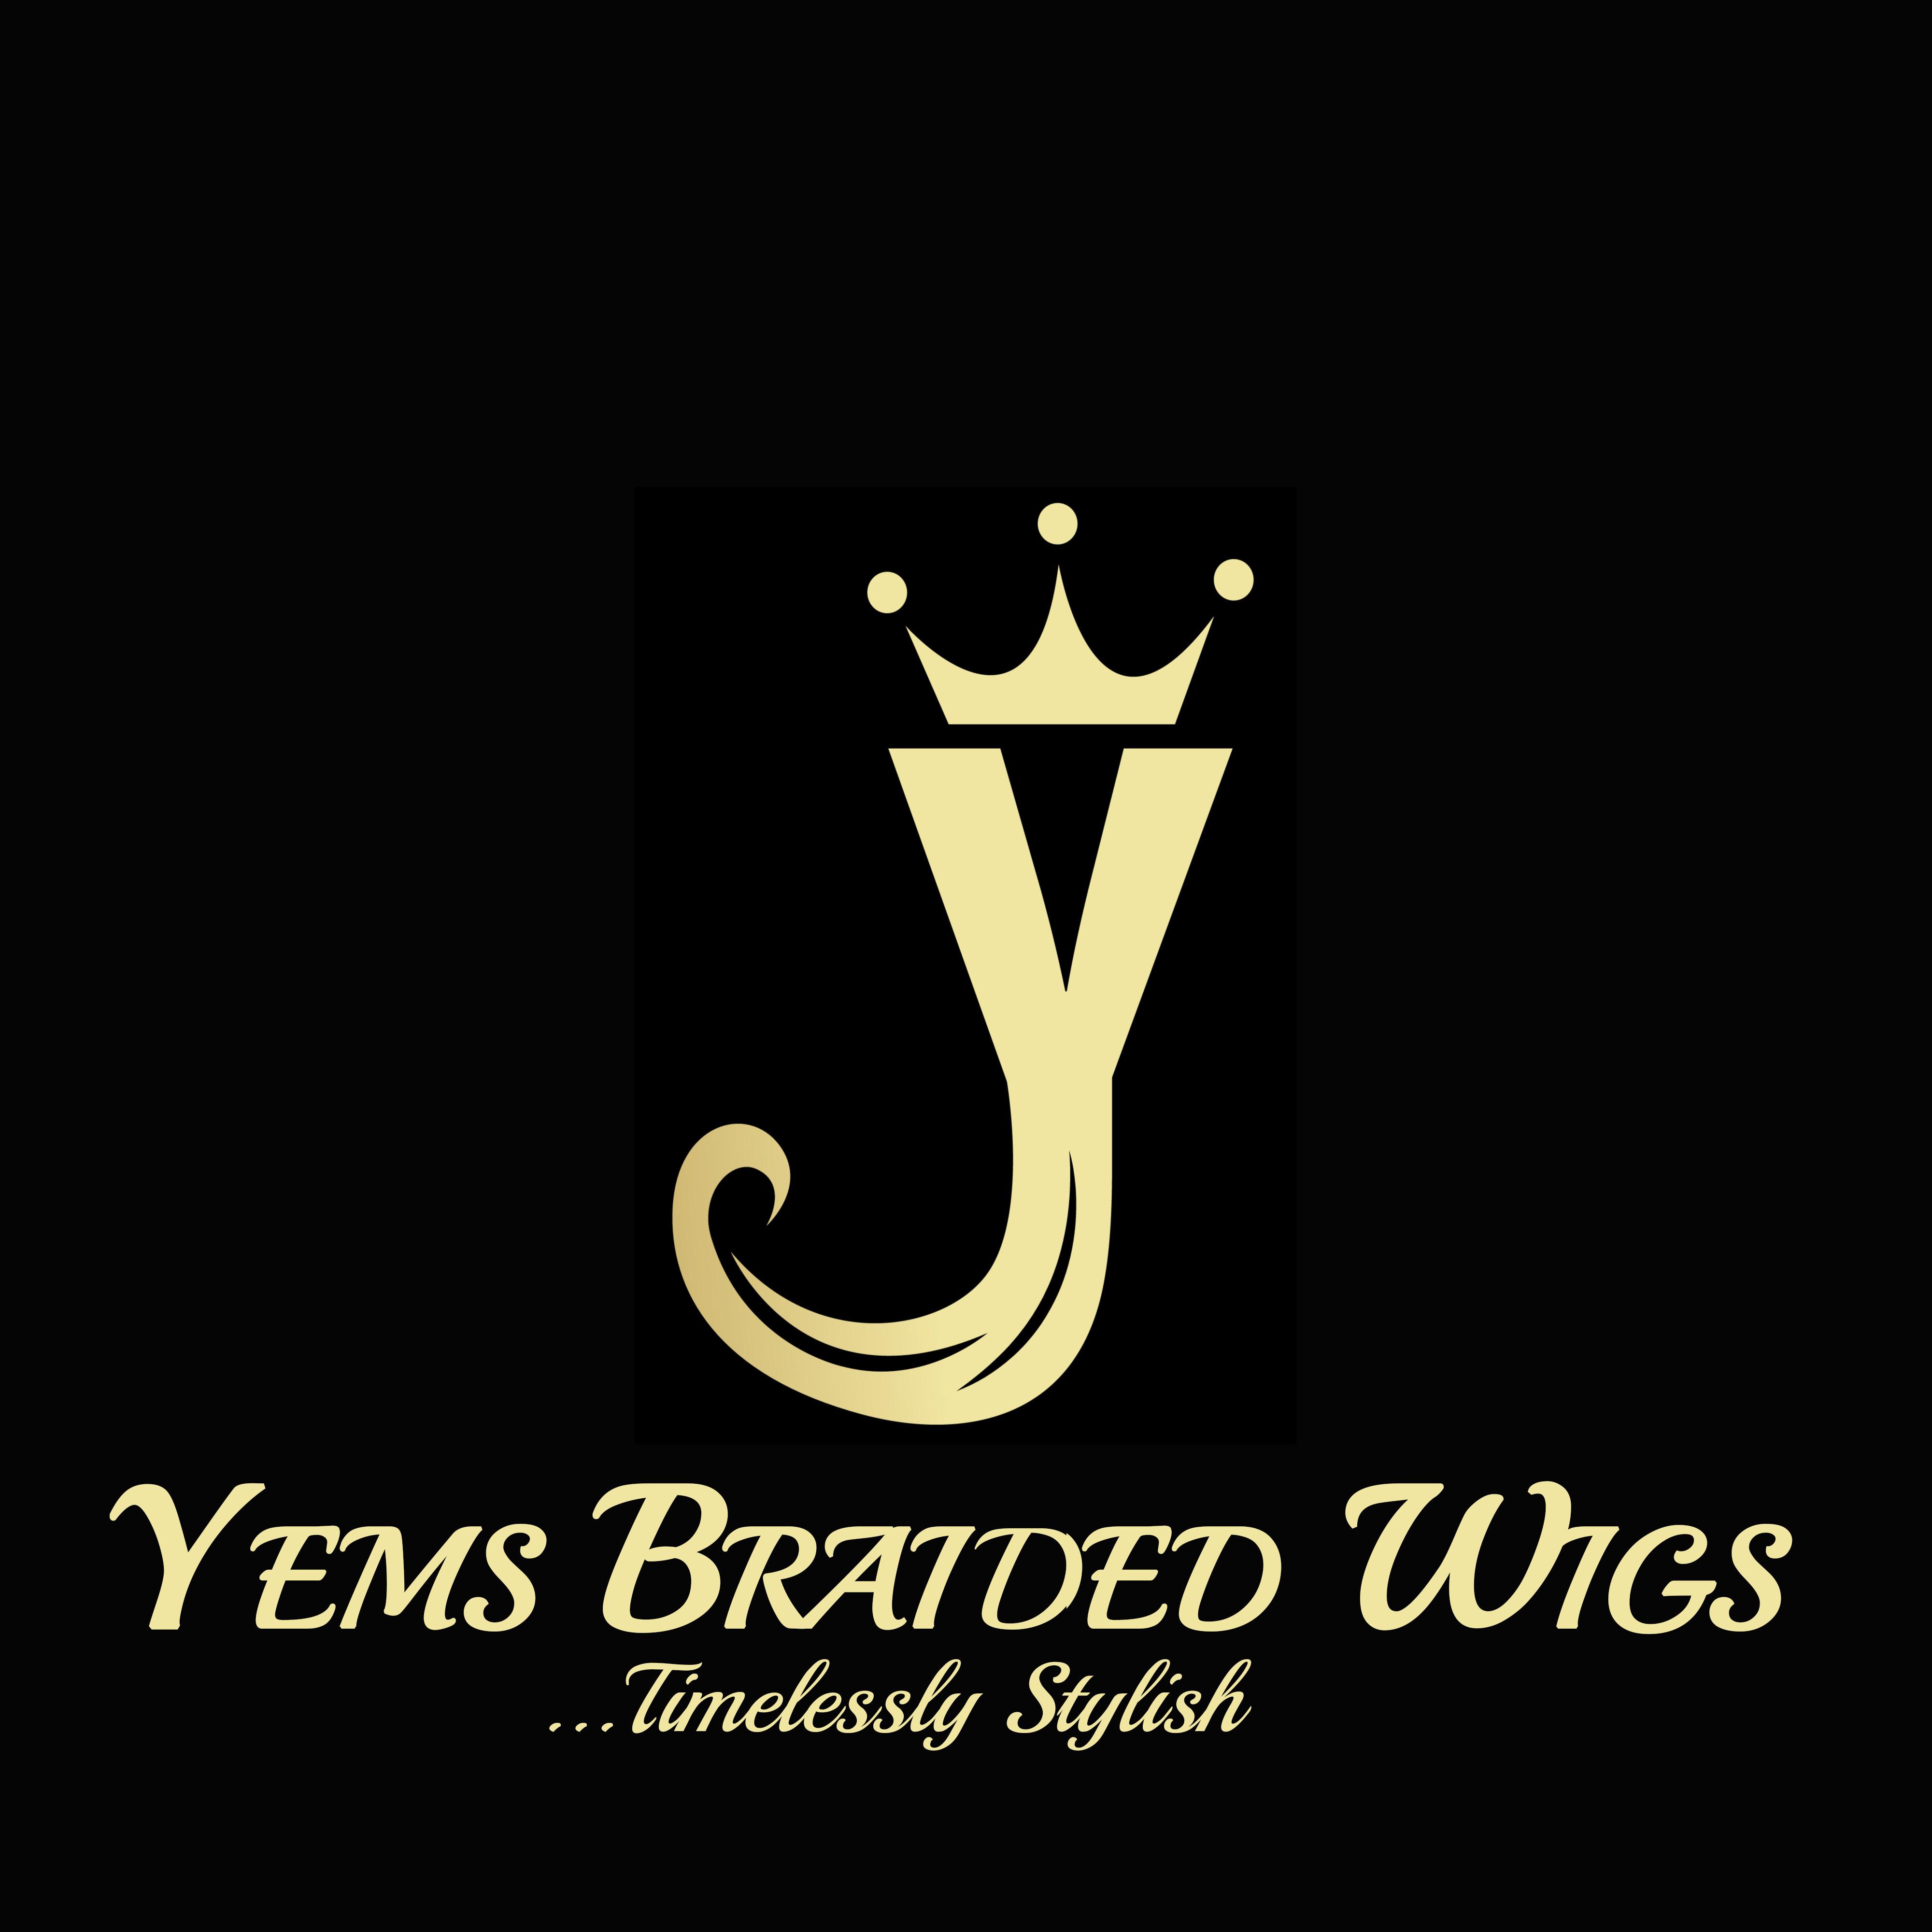 Yems Braided Wigs